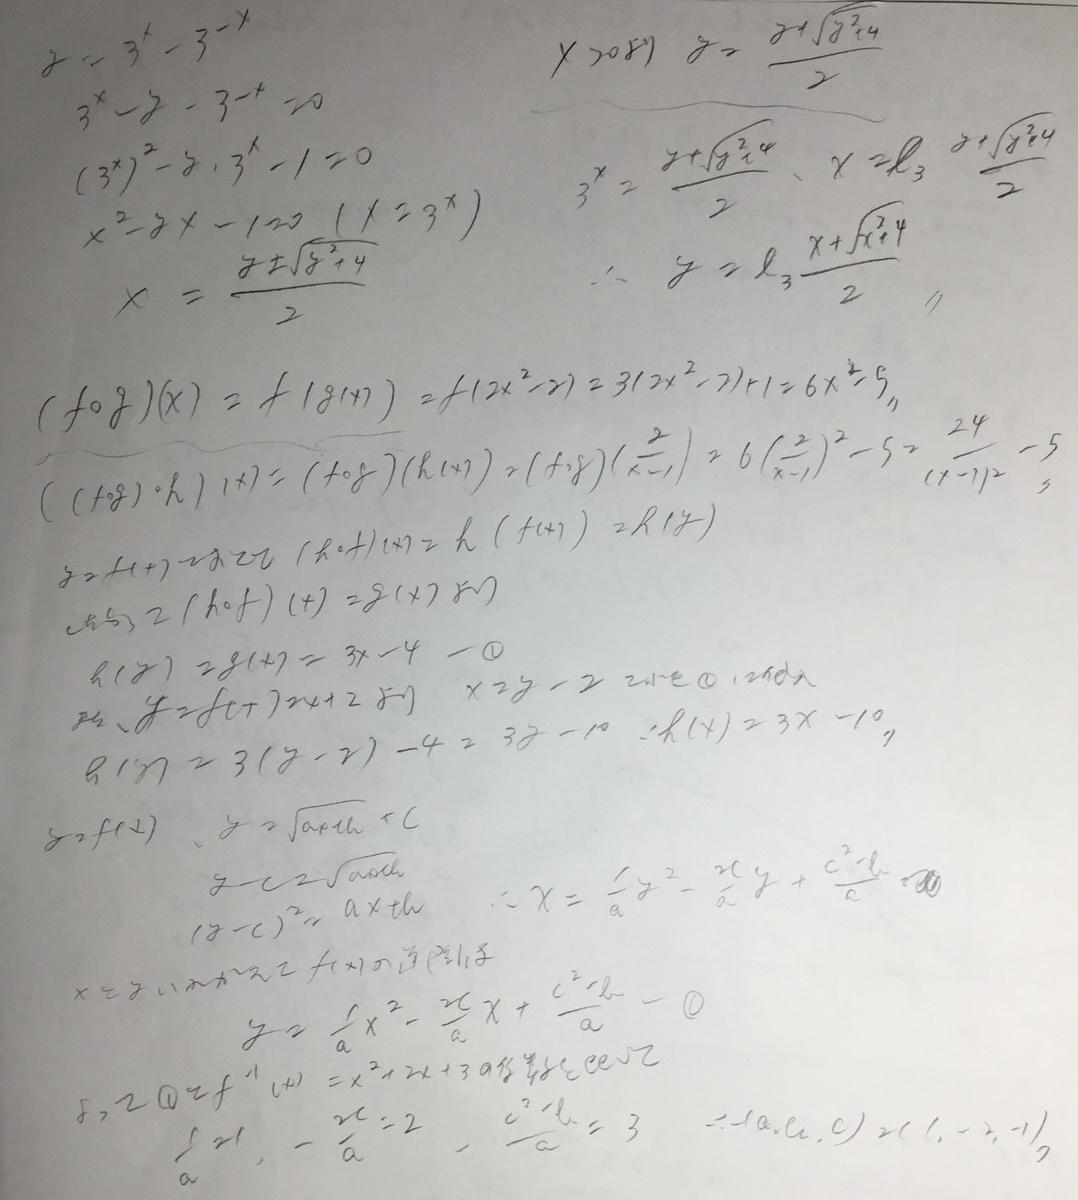 f:id:manaveemath:20200310004533j:plain